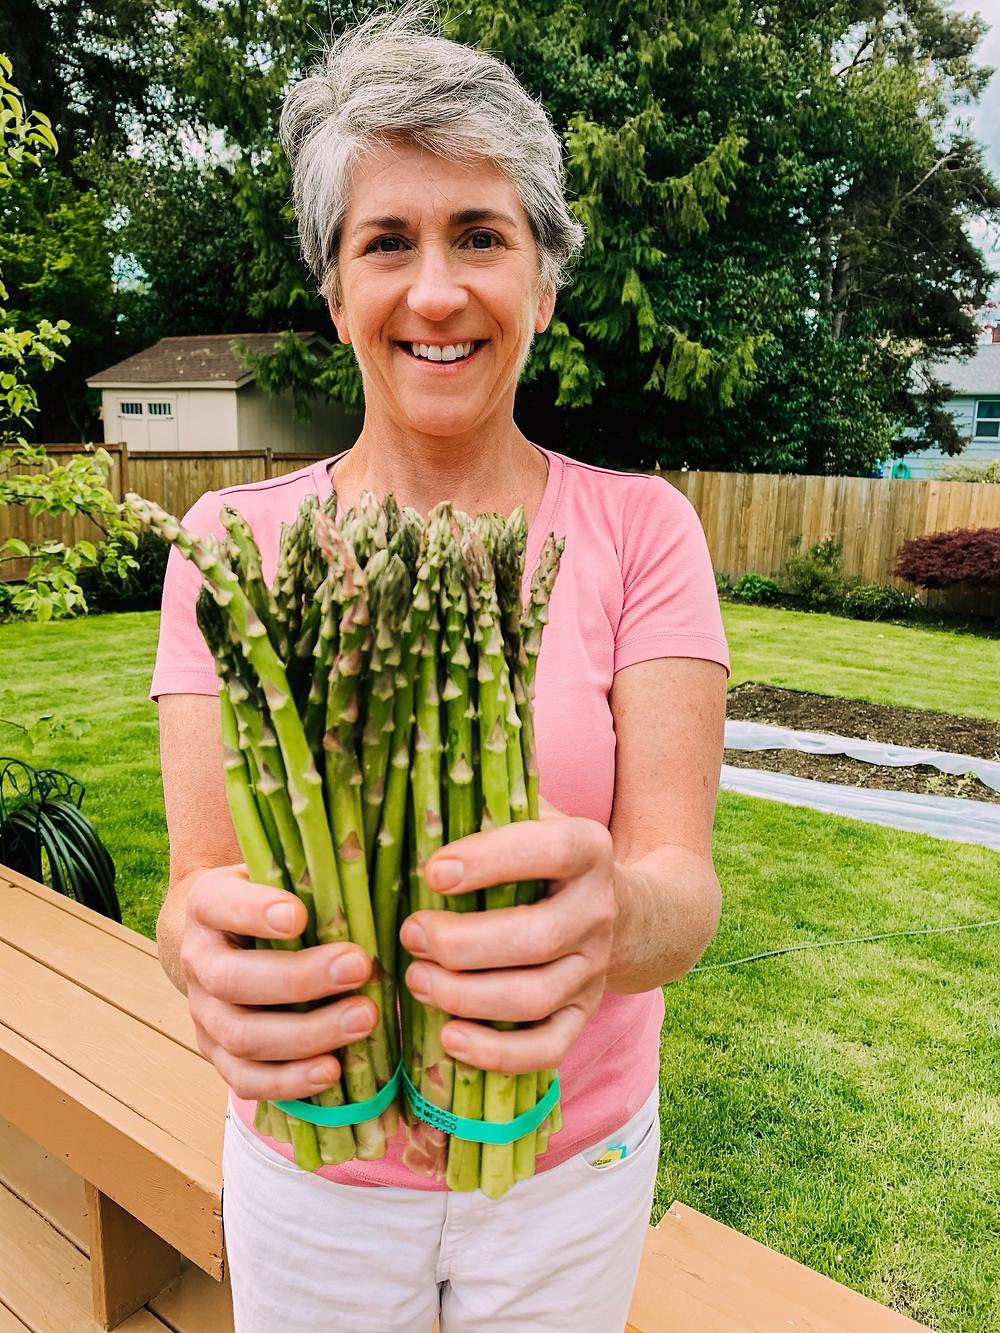 Carole holding asparagus